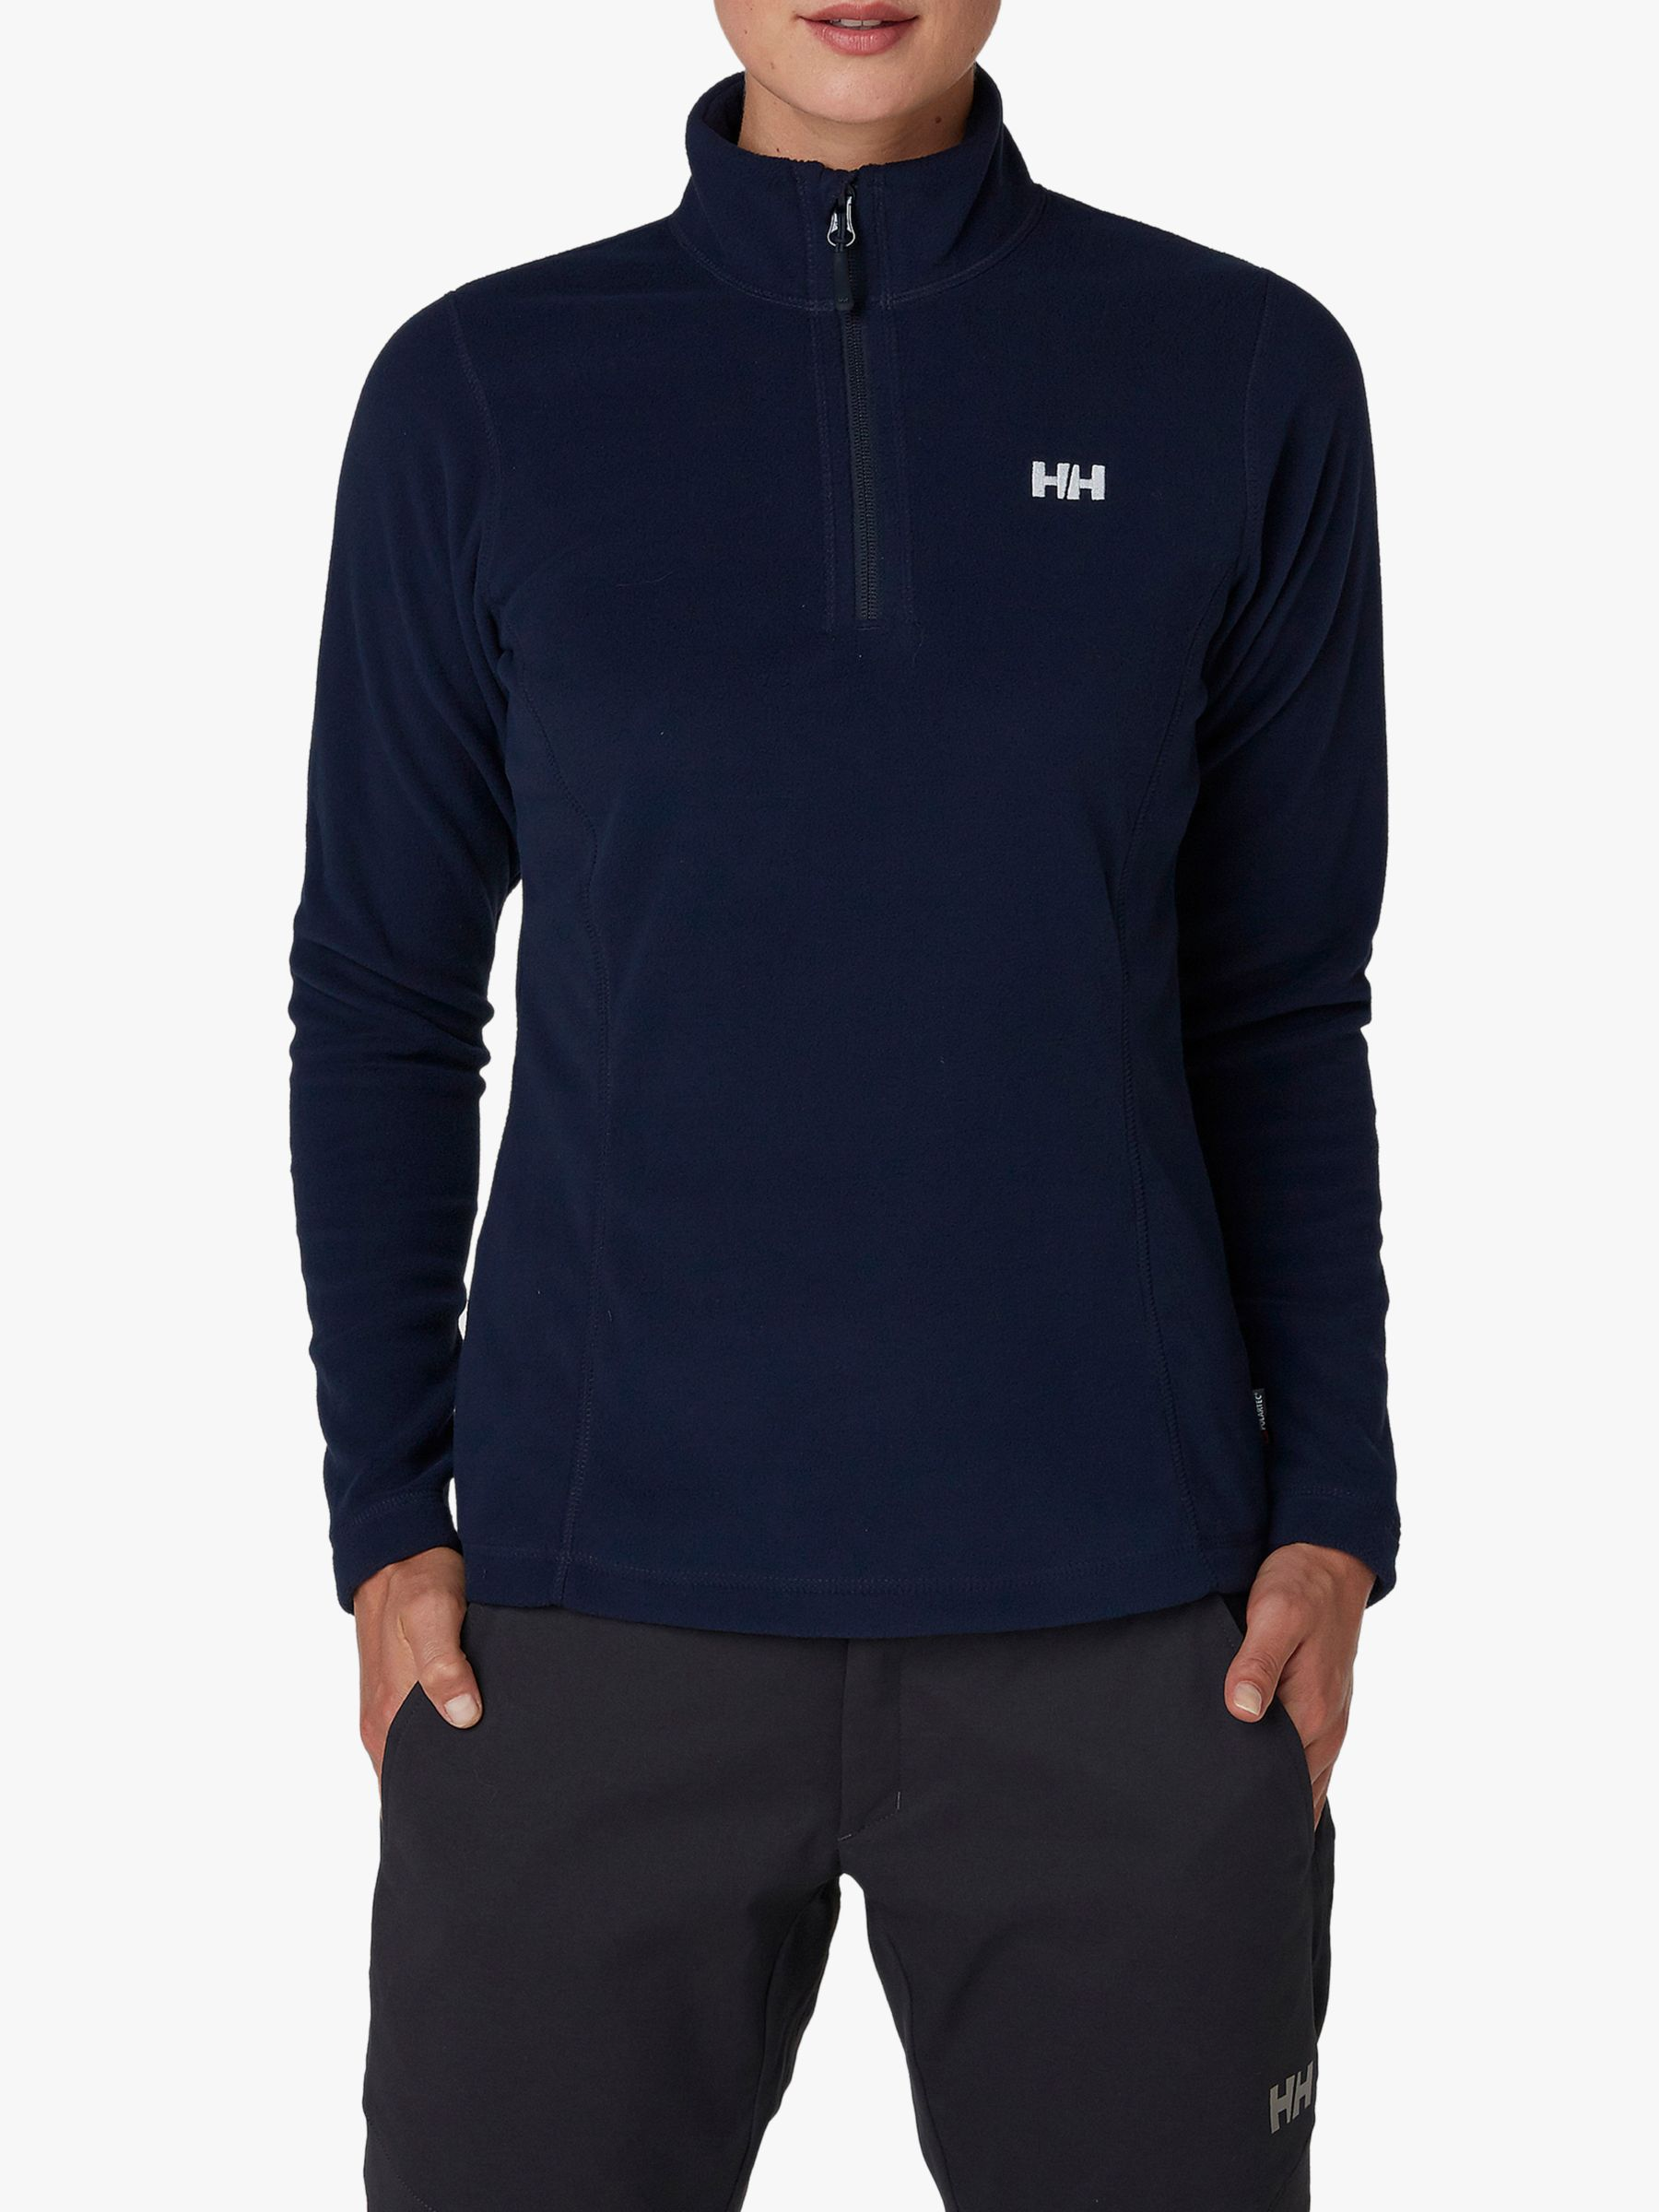 Helly Hansen Helly Hansen Daybreaker Half-Zip Fleece Jacket